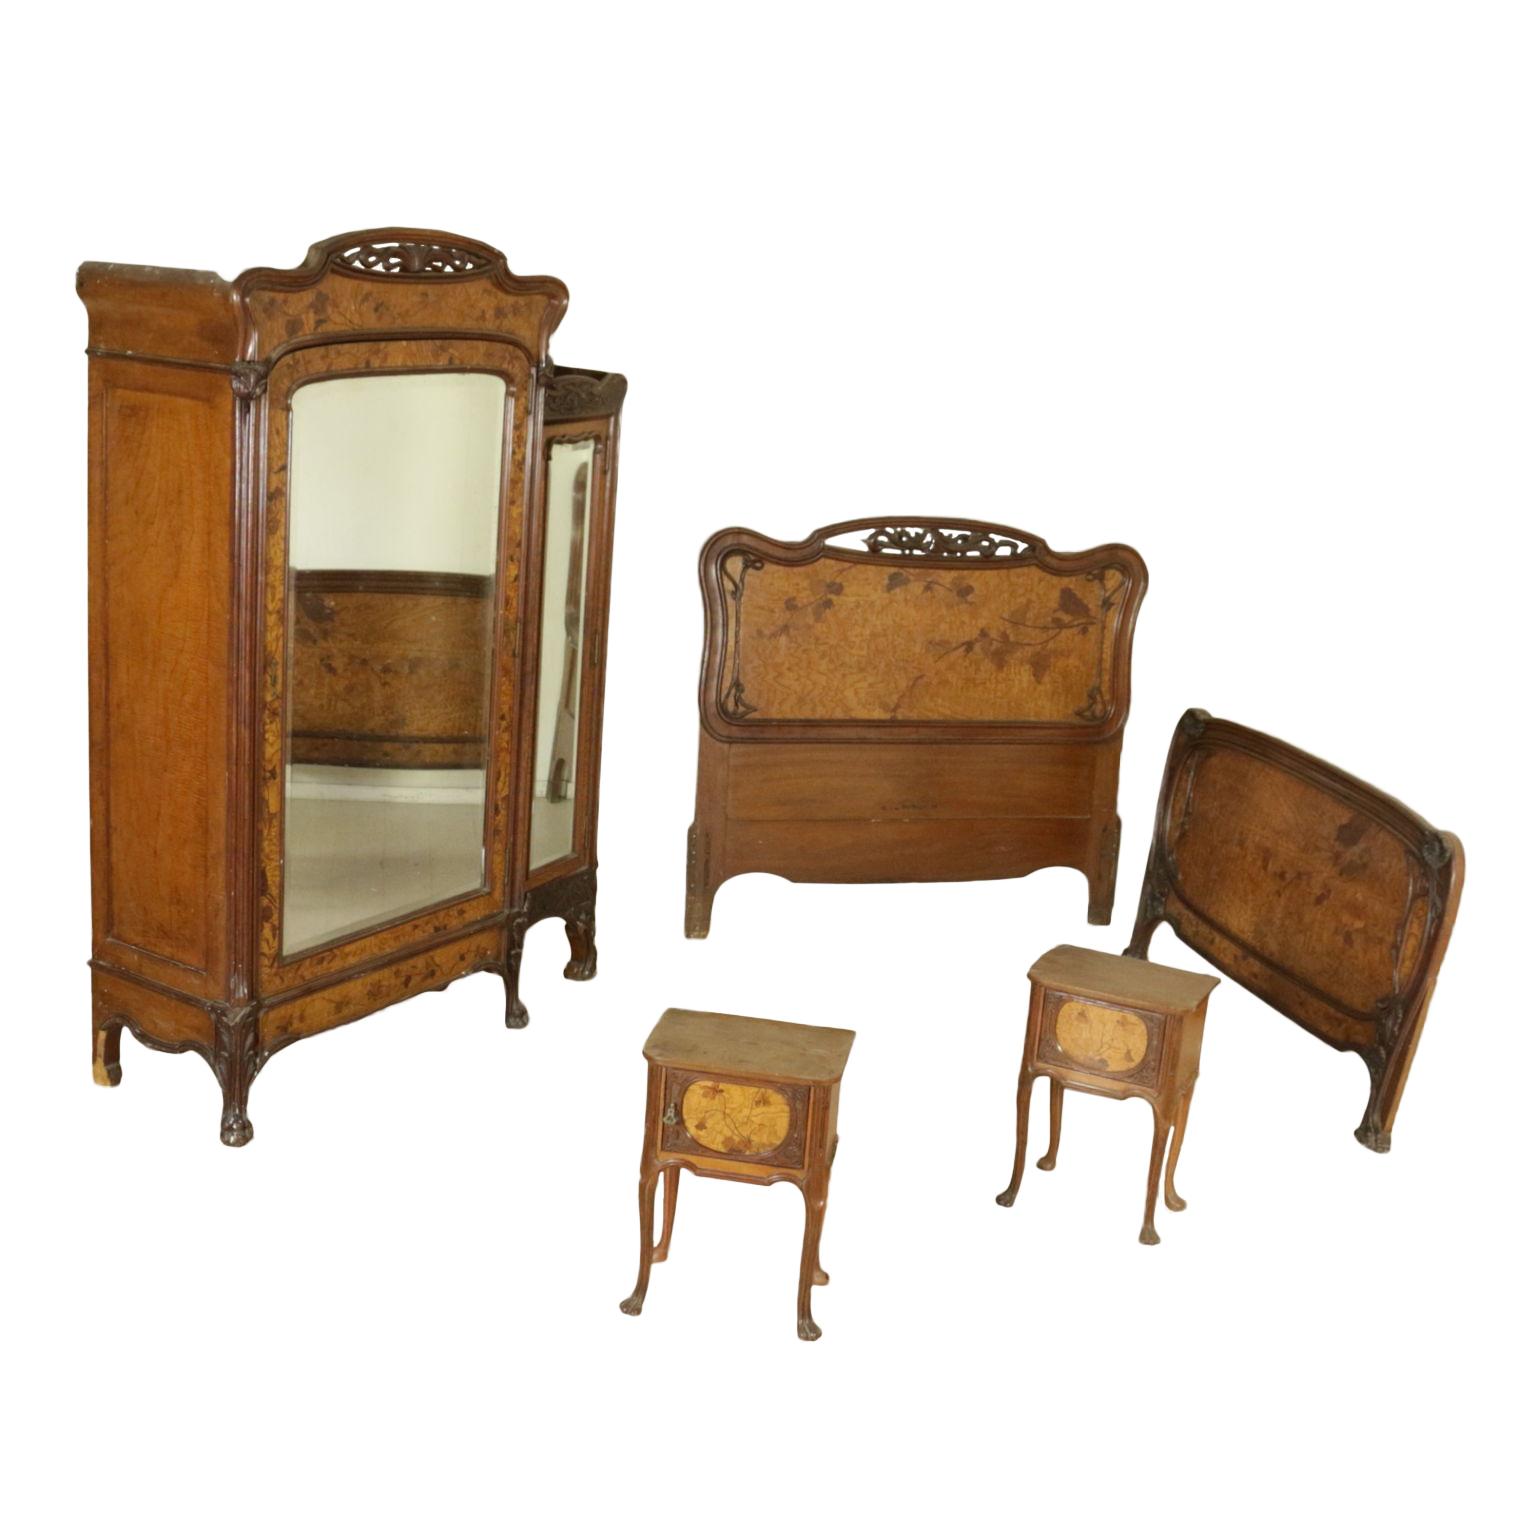 Armario, cama y mesitas de noche de estilo art nouveau - Mobiliario ...